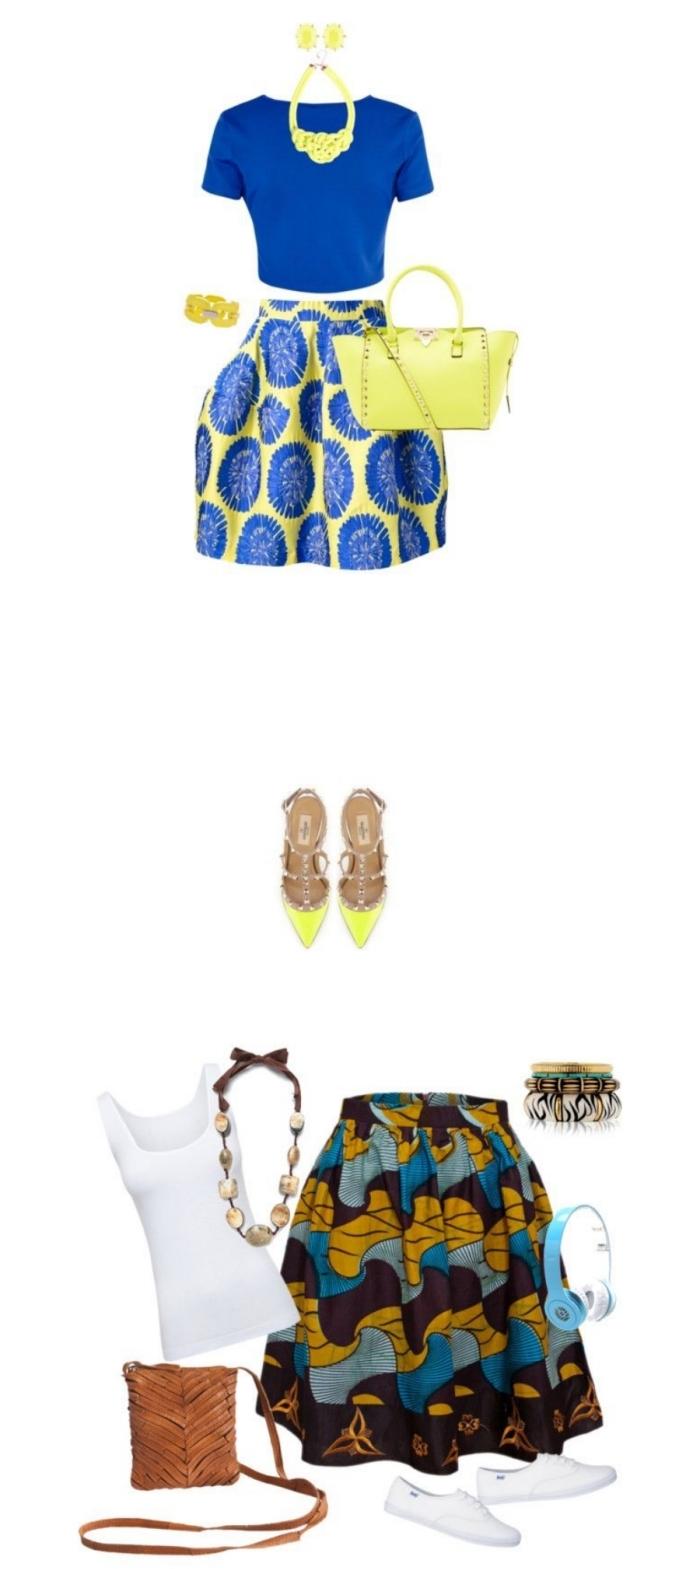 deux façons de porter la jupe en pagne wax, vision décontractée en jupe ethnique chic, top blanc et baskets, look élégant en jupe ethnique africaine et sandales plates à bout pointu, les tissus africains et leurs motifs tendances